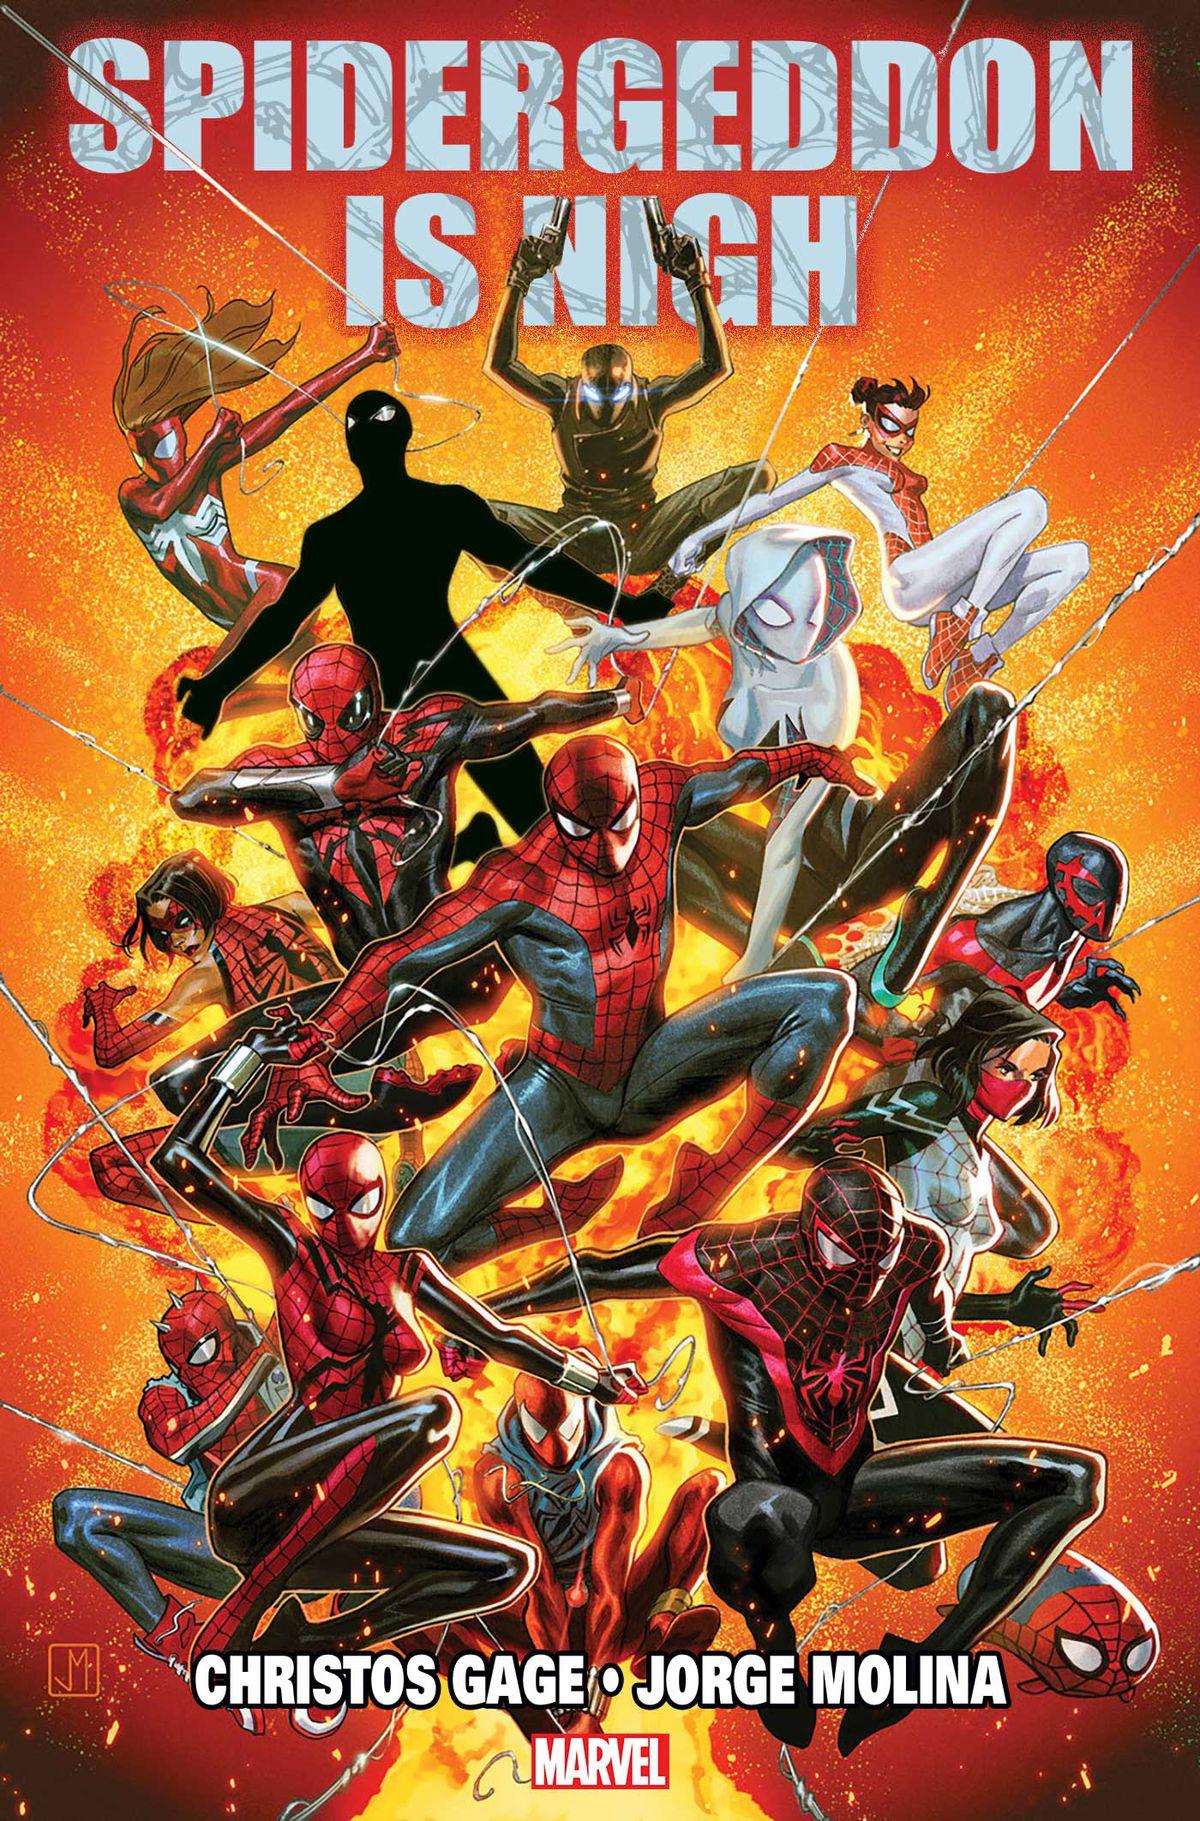 A teaser image for Marvel Comicsâ?? Spidergeddon (2018).